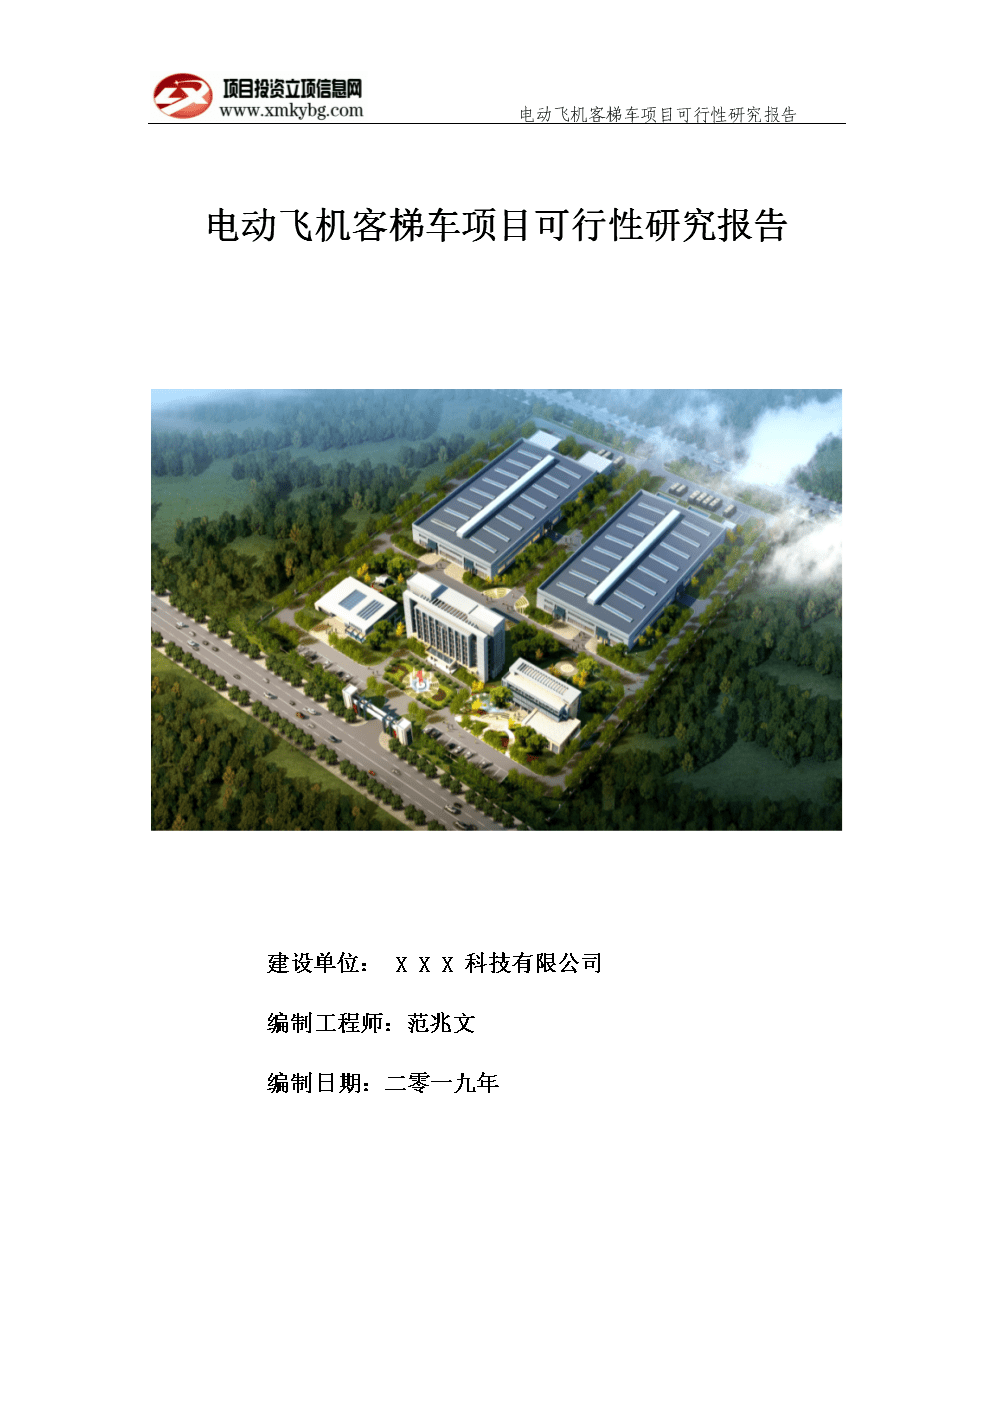 电动飞机客梯车项目可行性研究报告-用于备案立项.doc